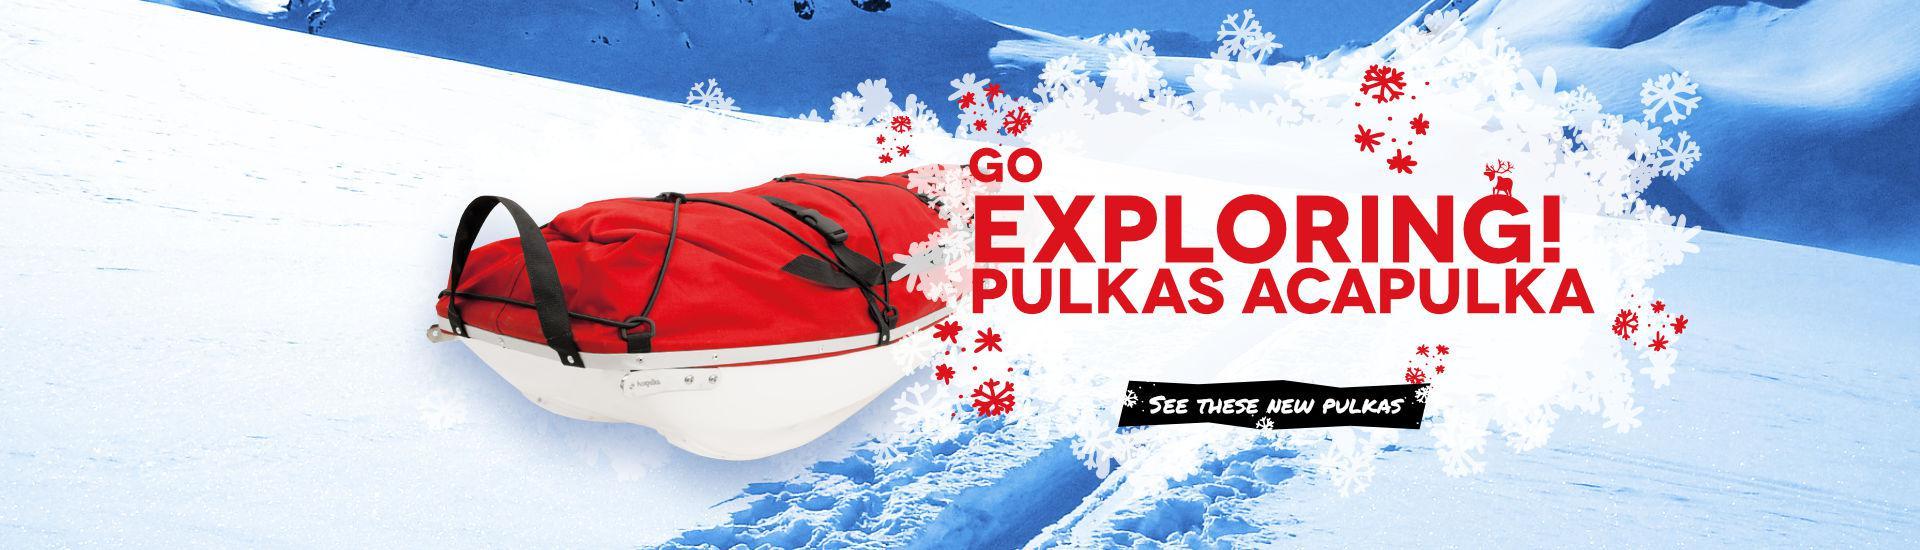 Acapulka Pulks